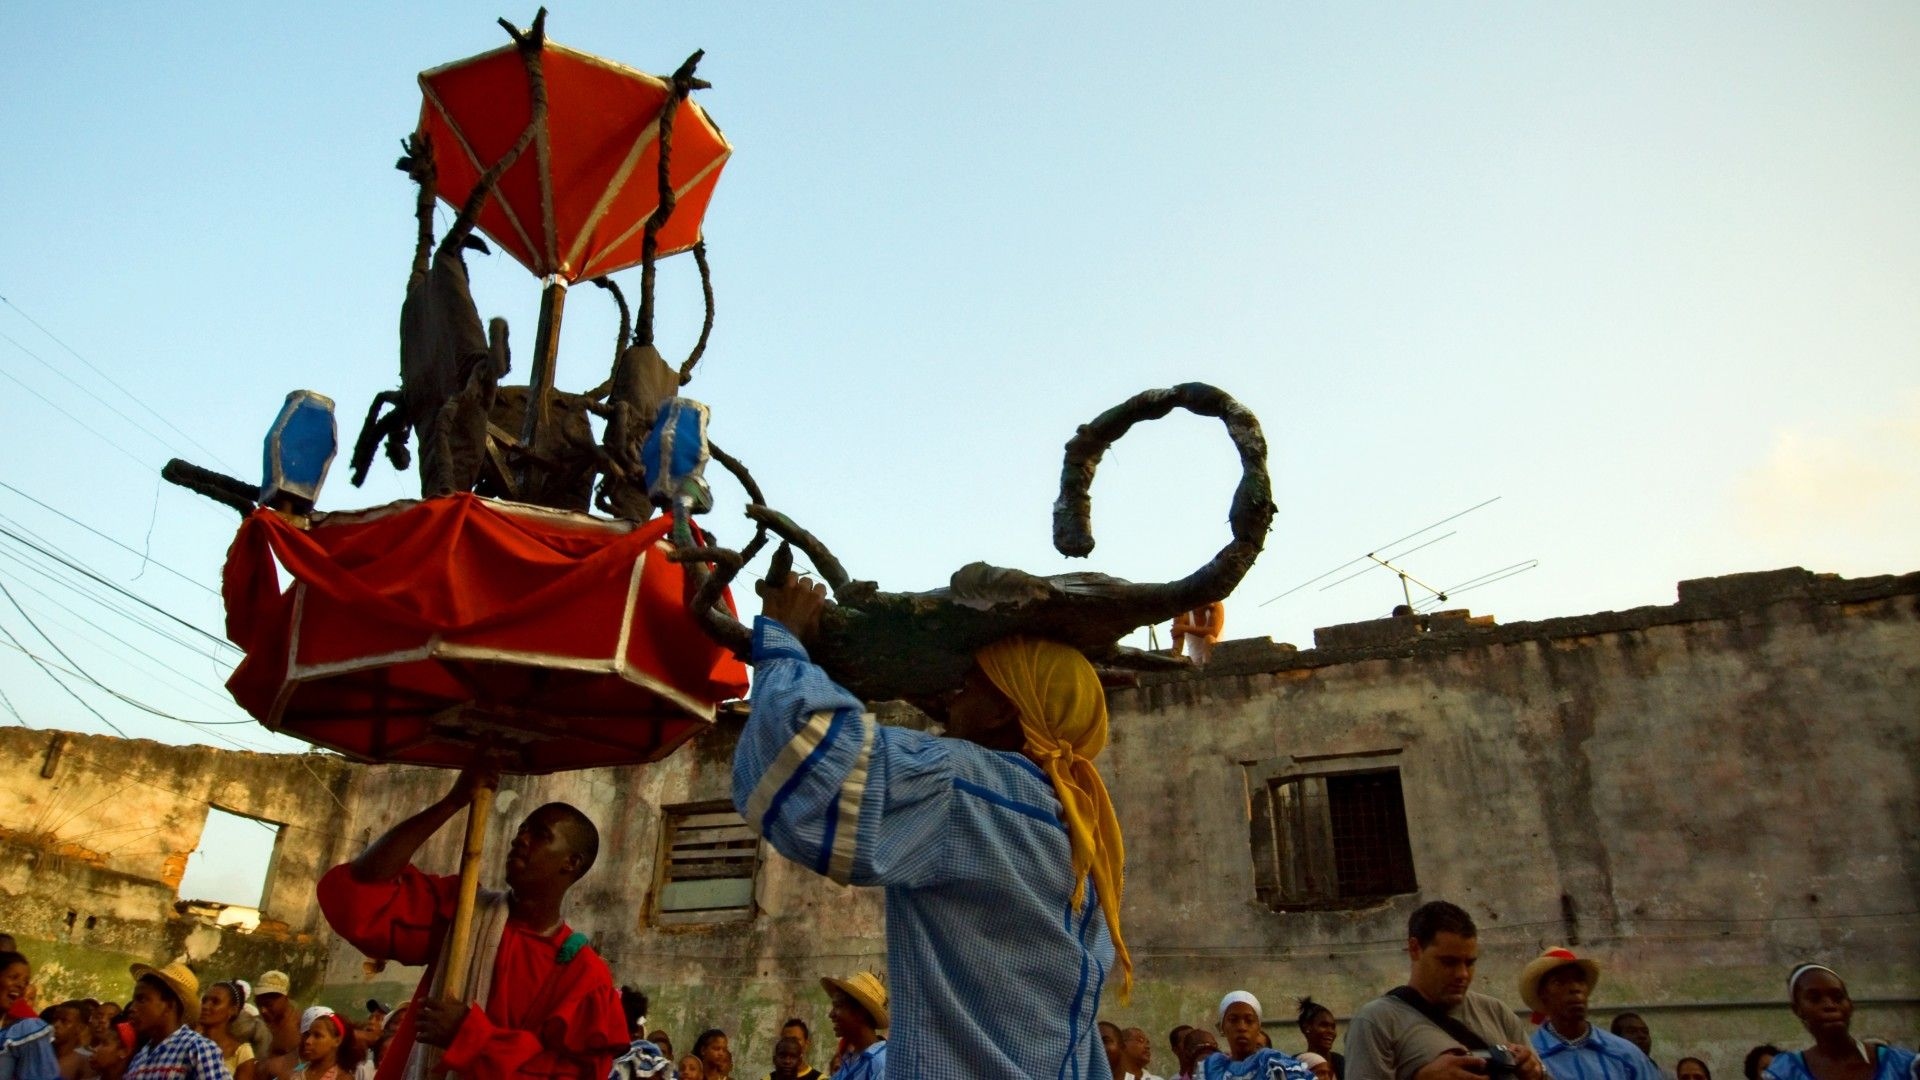 Religiones católica y yoruba, le contamos cómo ambas conviven en Cuba.